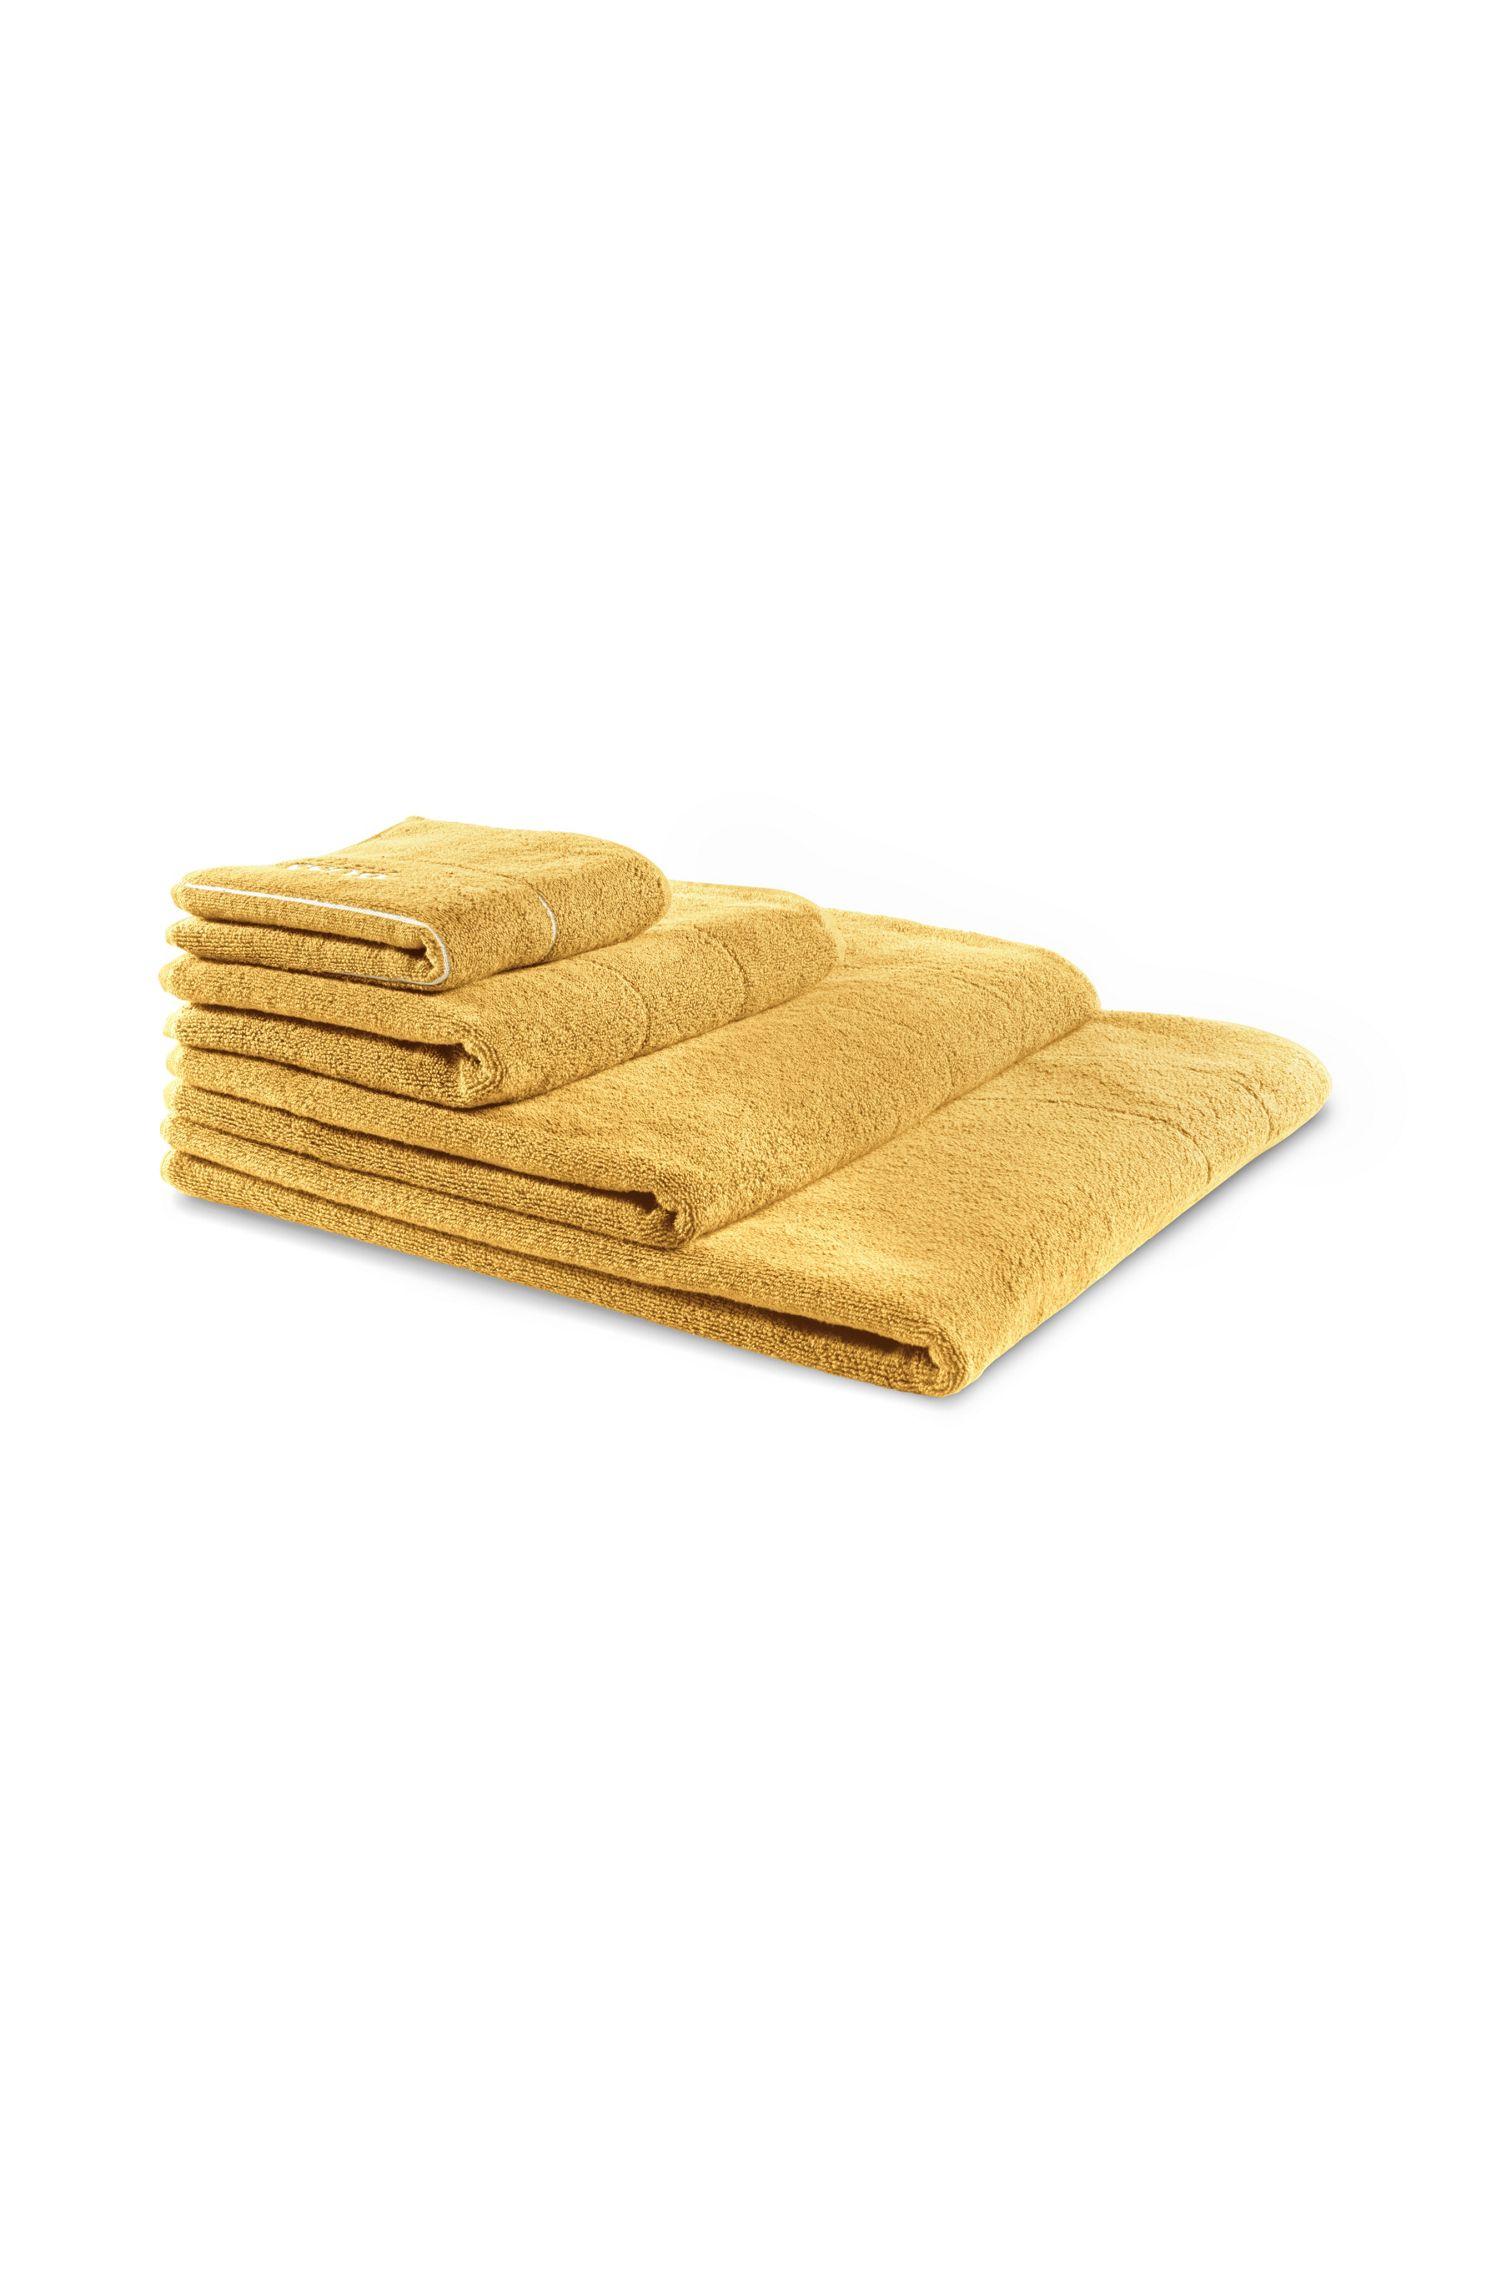 Toalla para invitados en algodón egipcio de la máxima calidad con logo en el borde